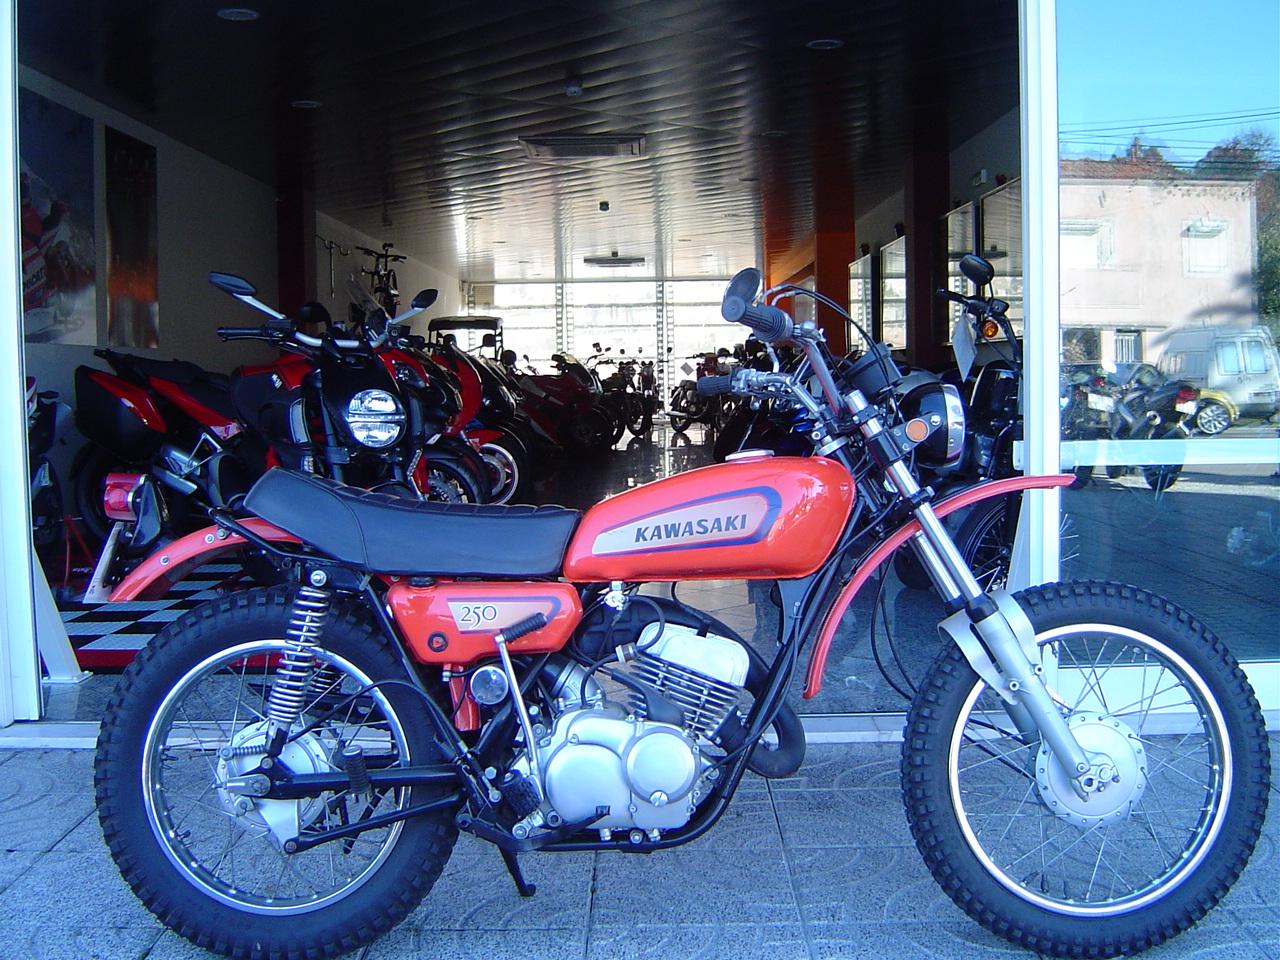 Kawasaki F8 250